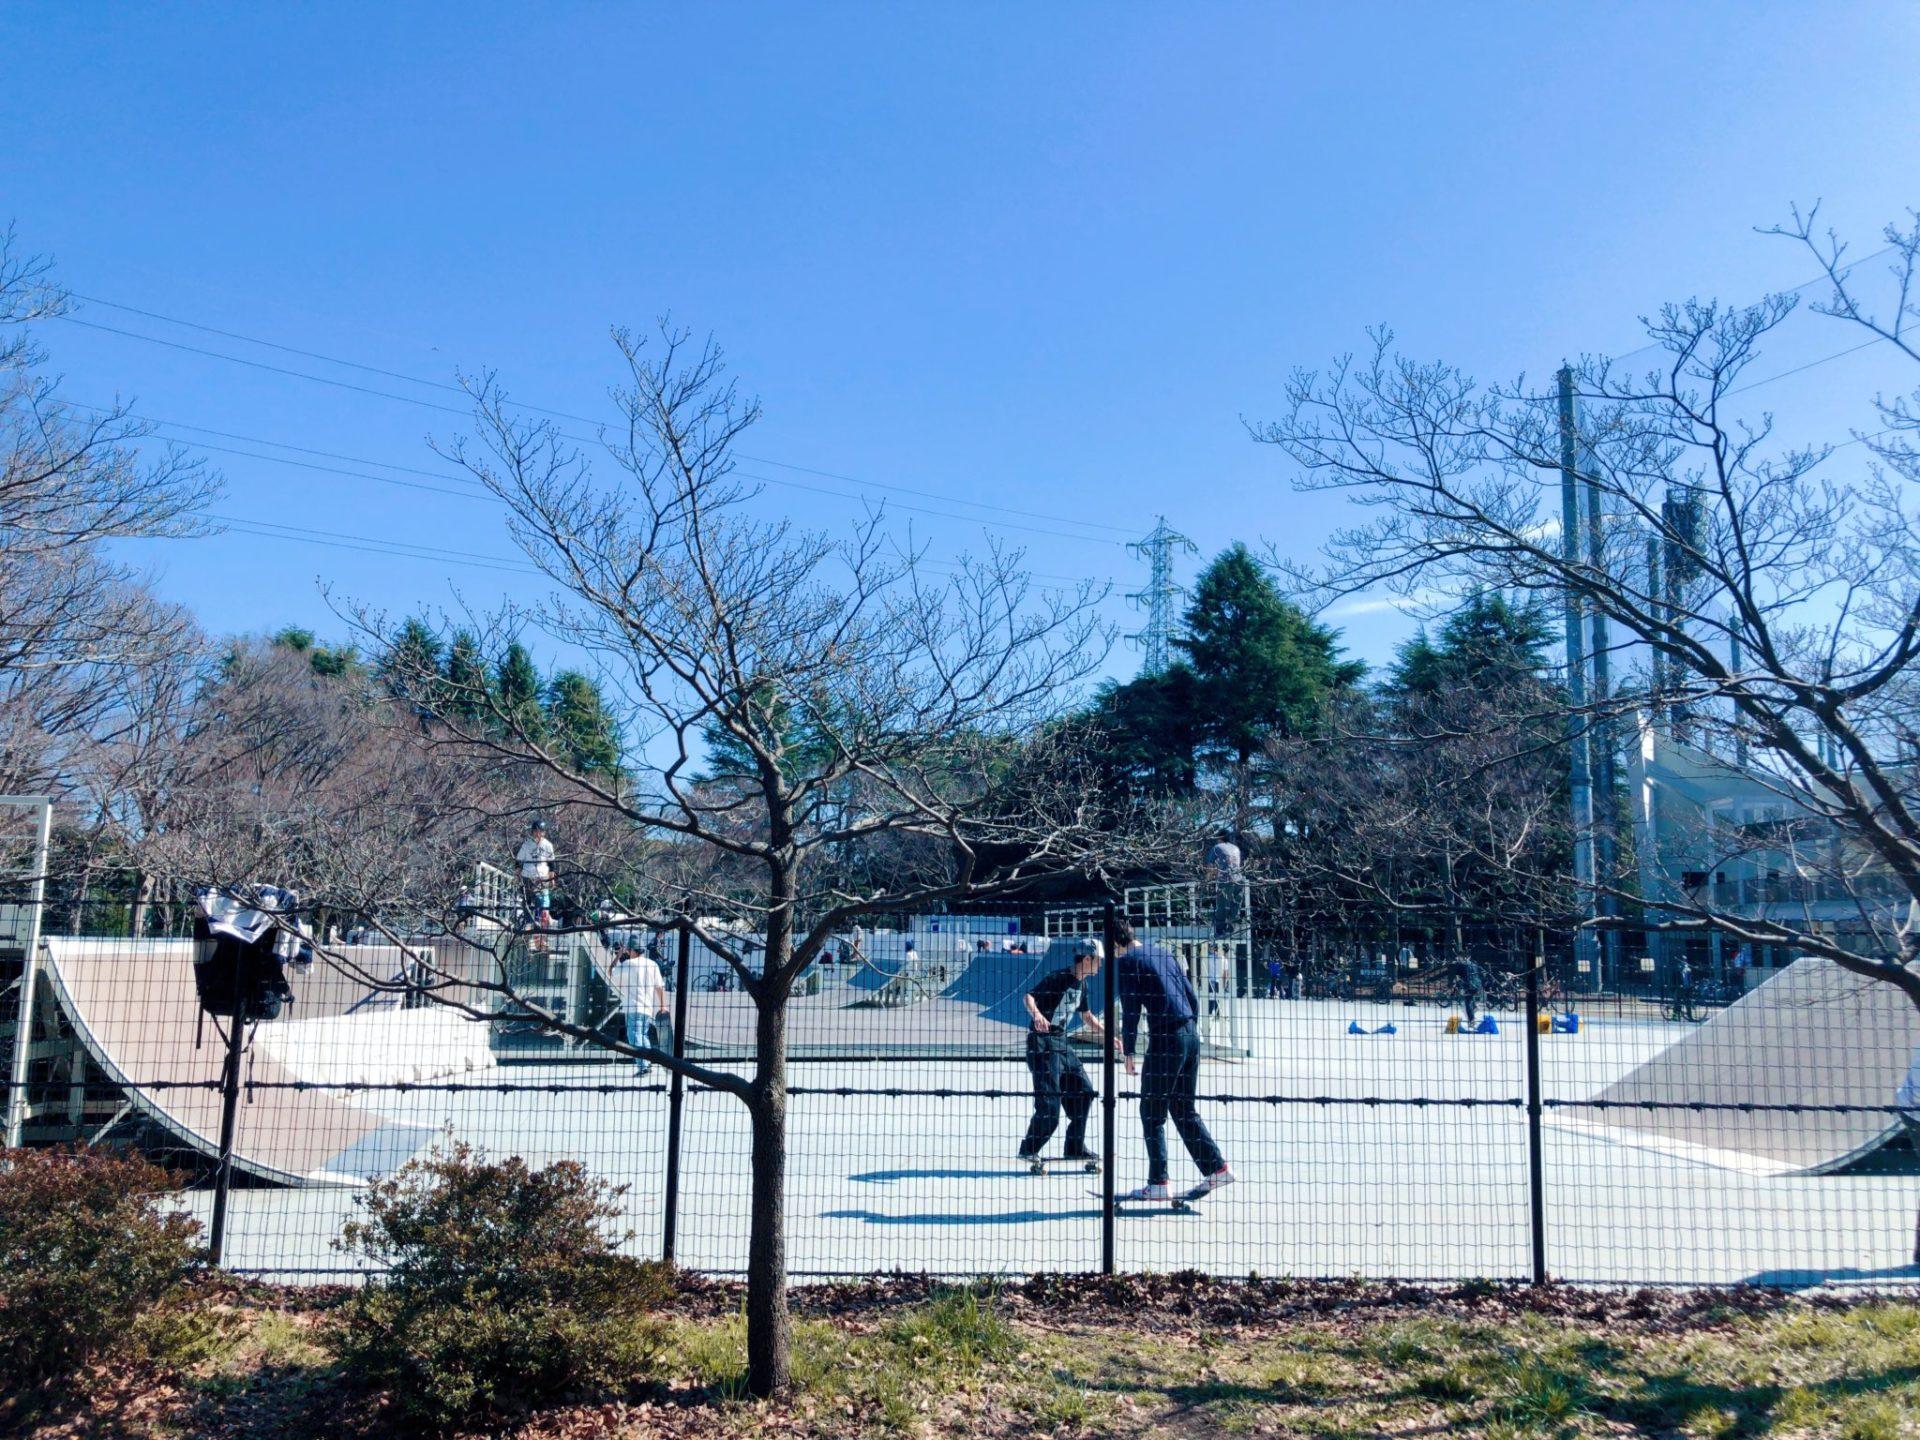 駒沢公園内のスケートパーク